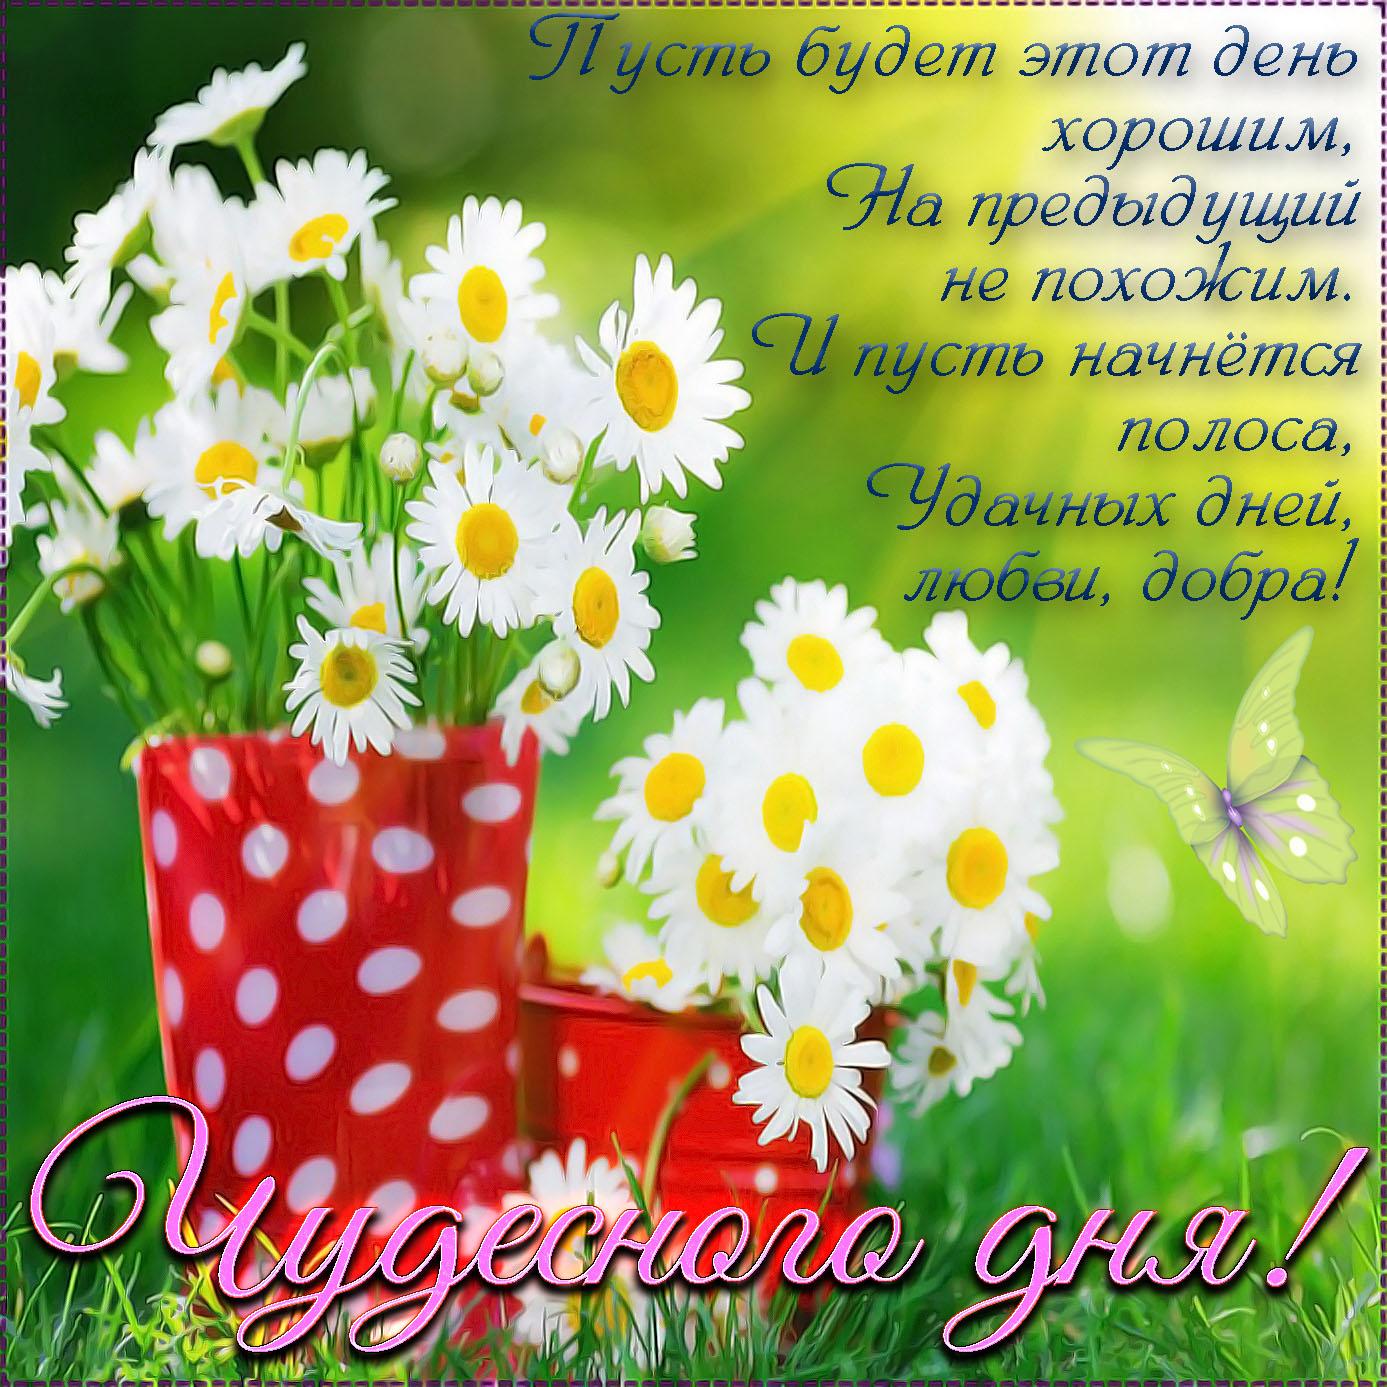 Пожелание чудесного дня на открытке с ромашками